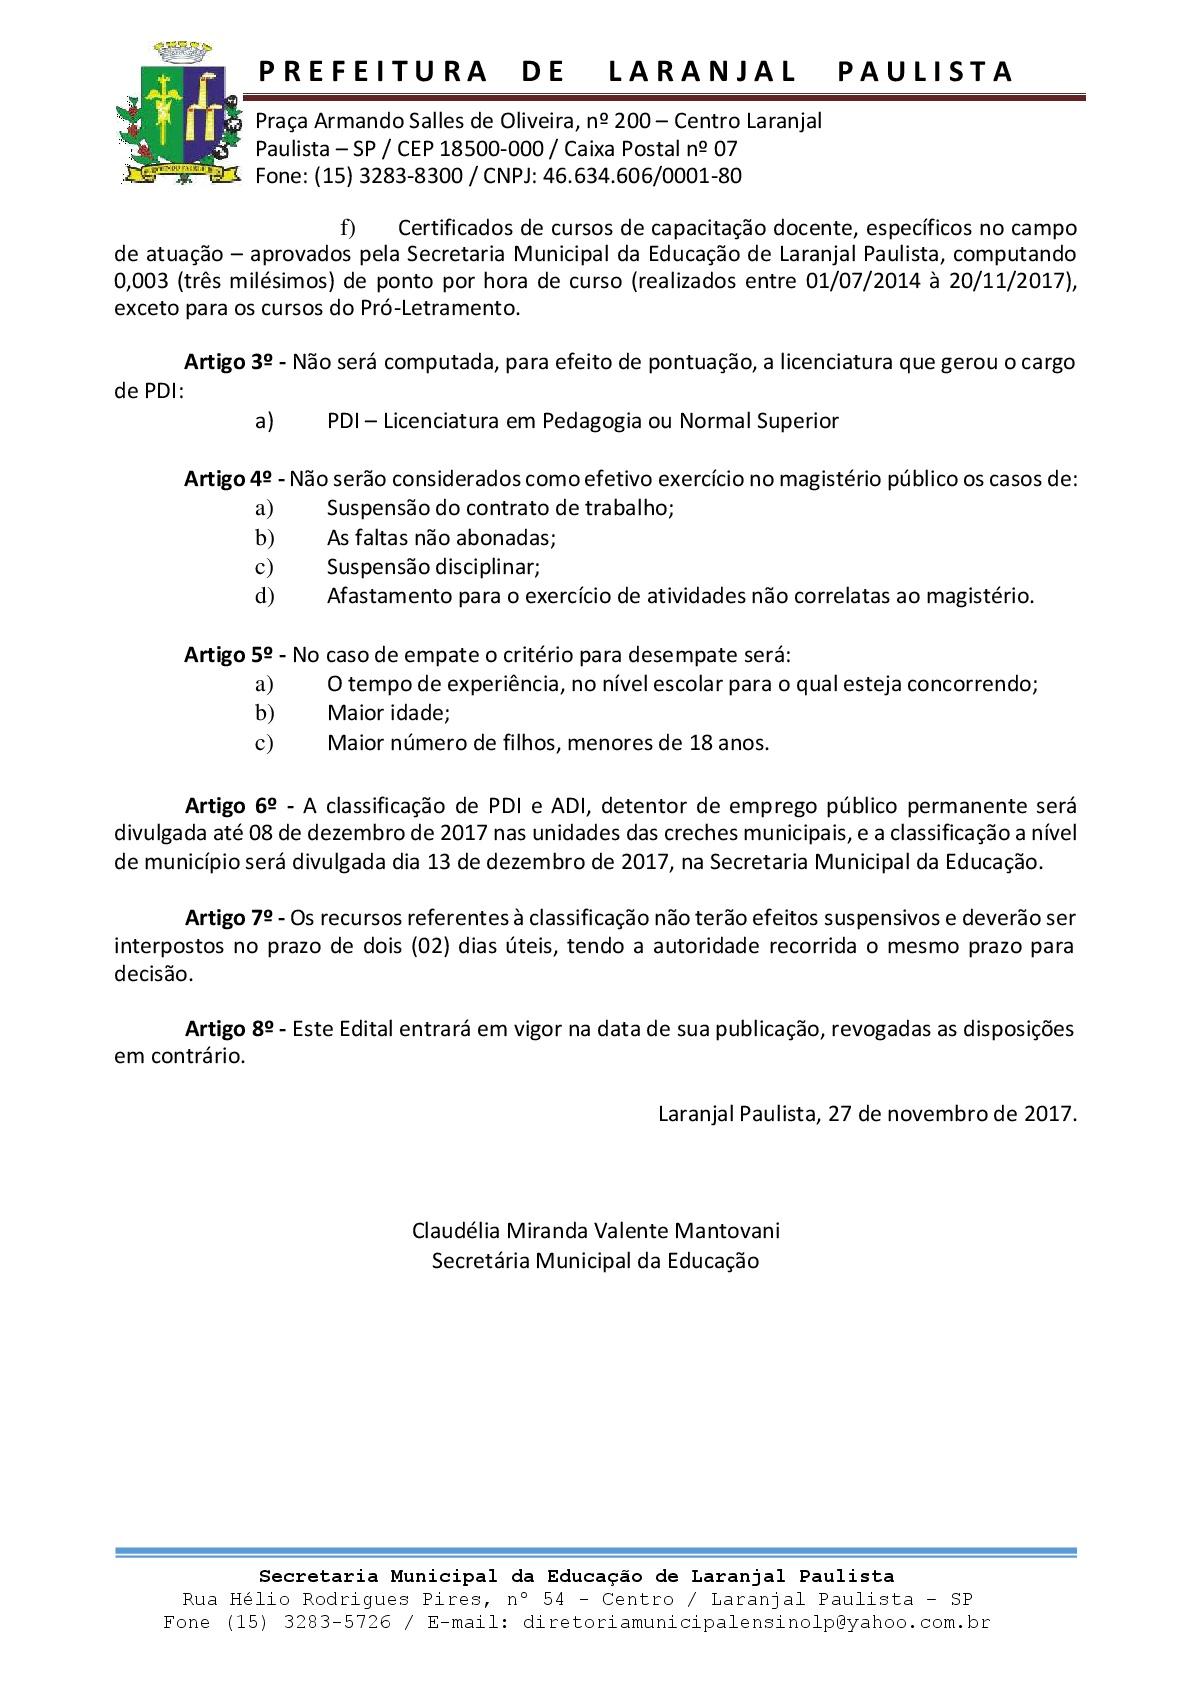 Editais SME nº 005-2017 e 006-2017 - Atualizados